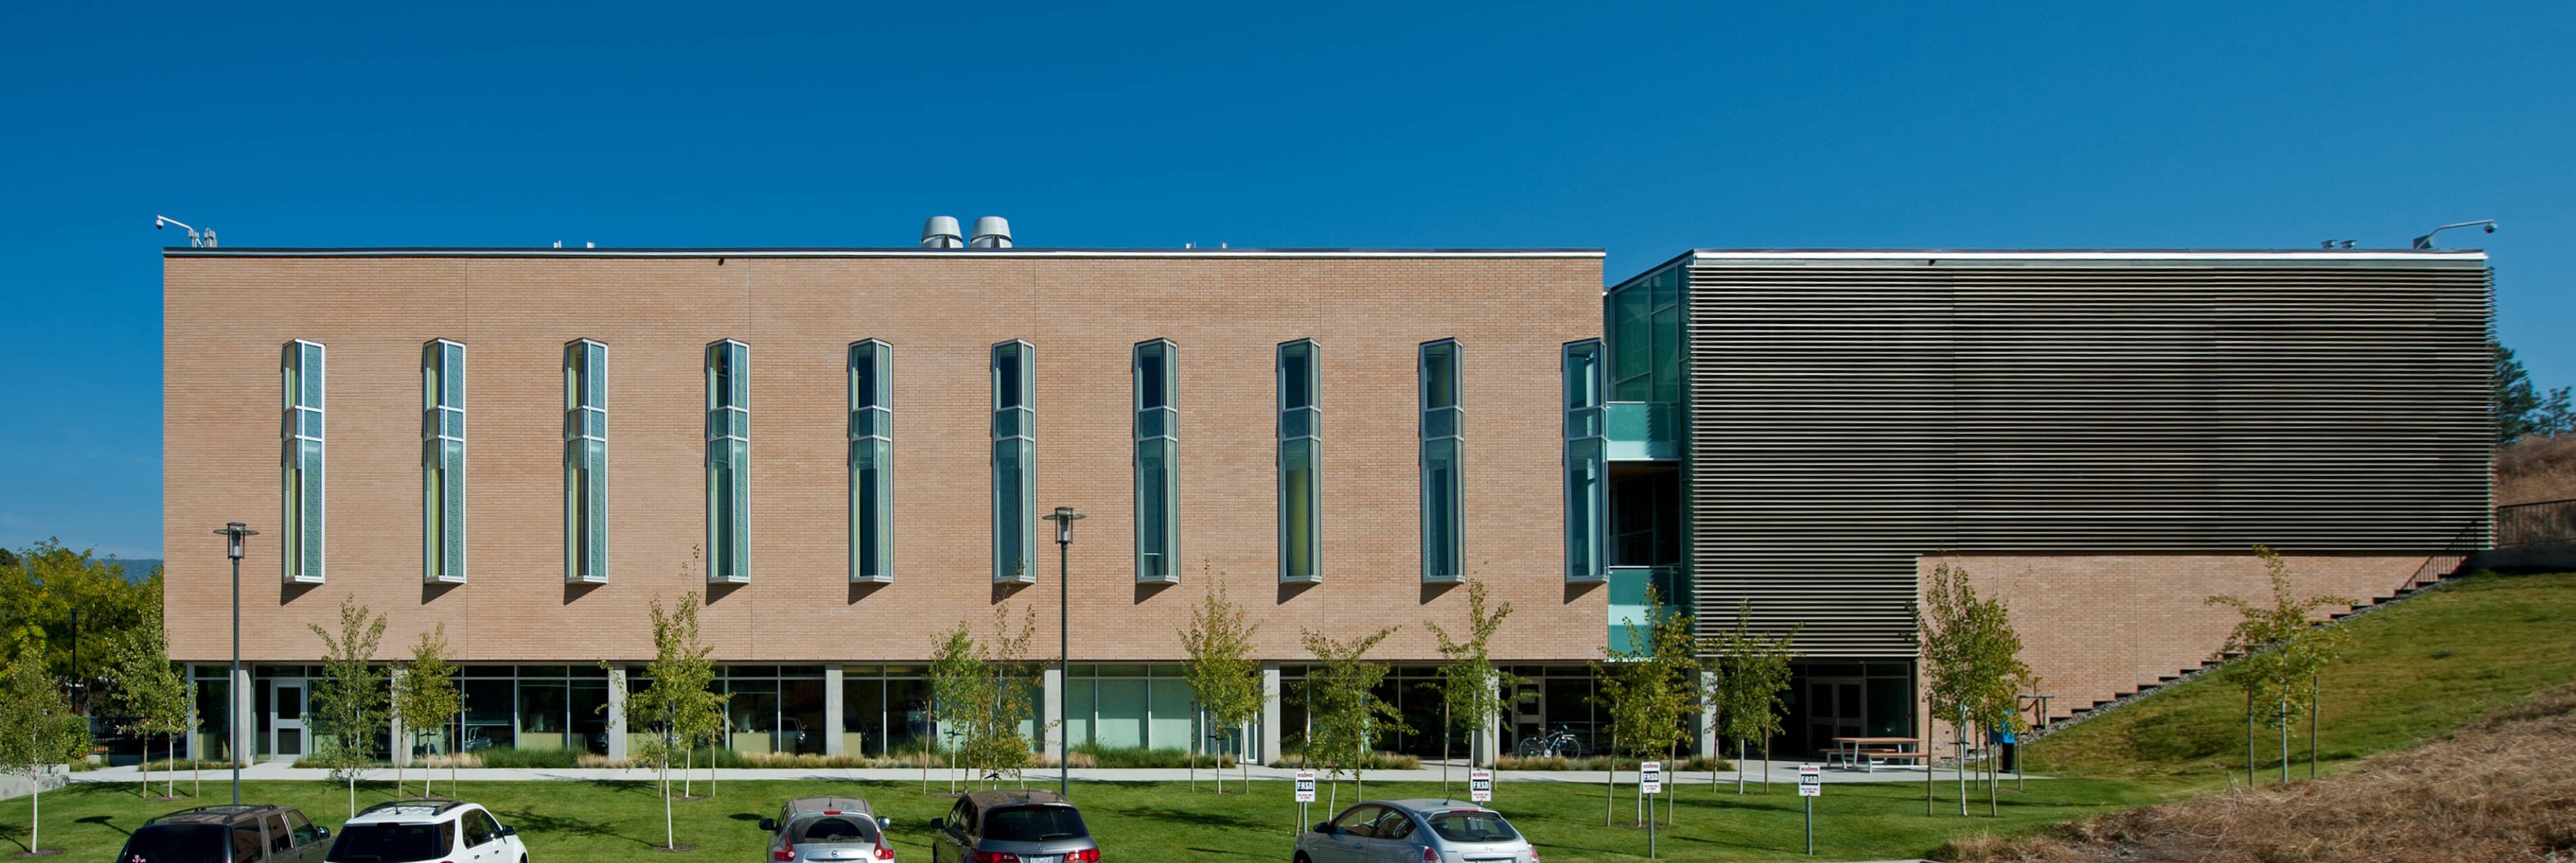 bbp ubco health sciences exterior day 2